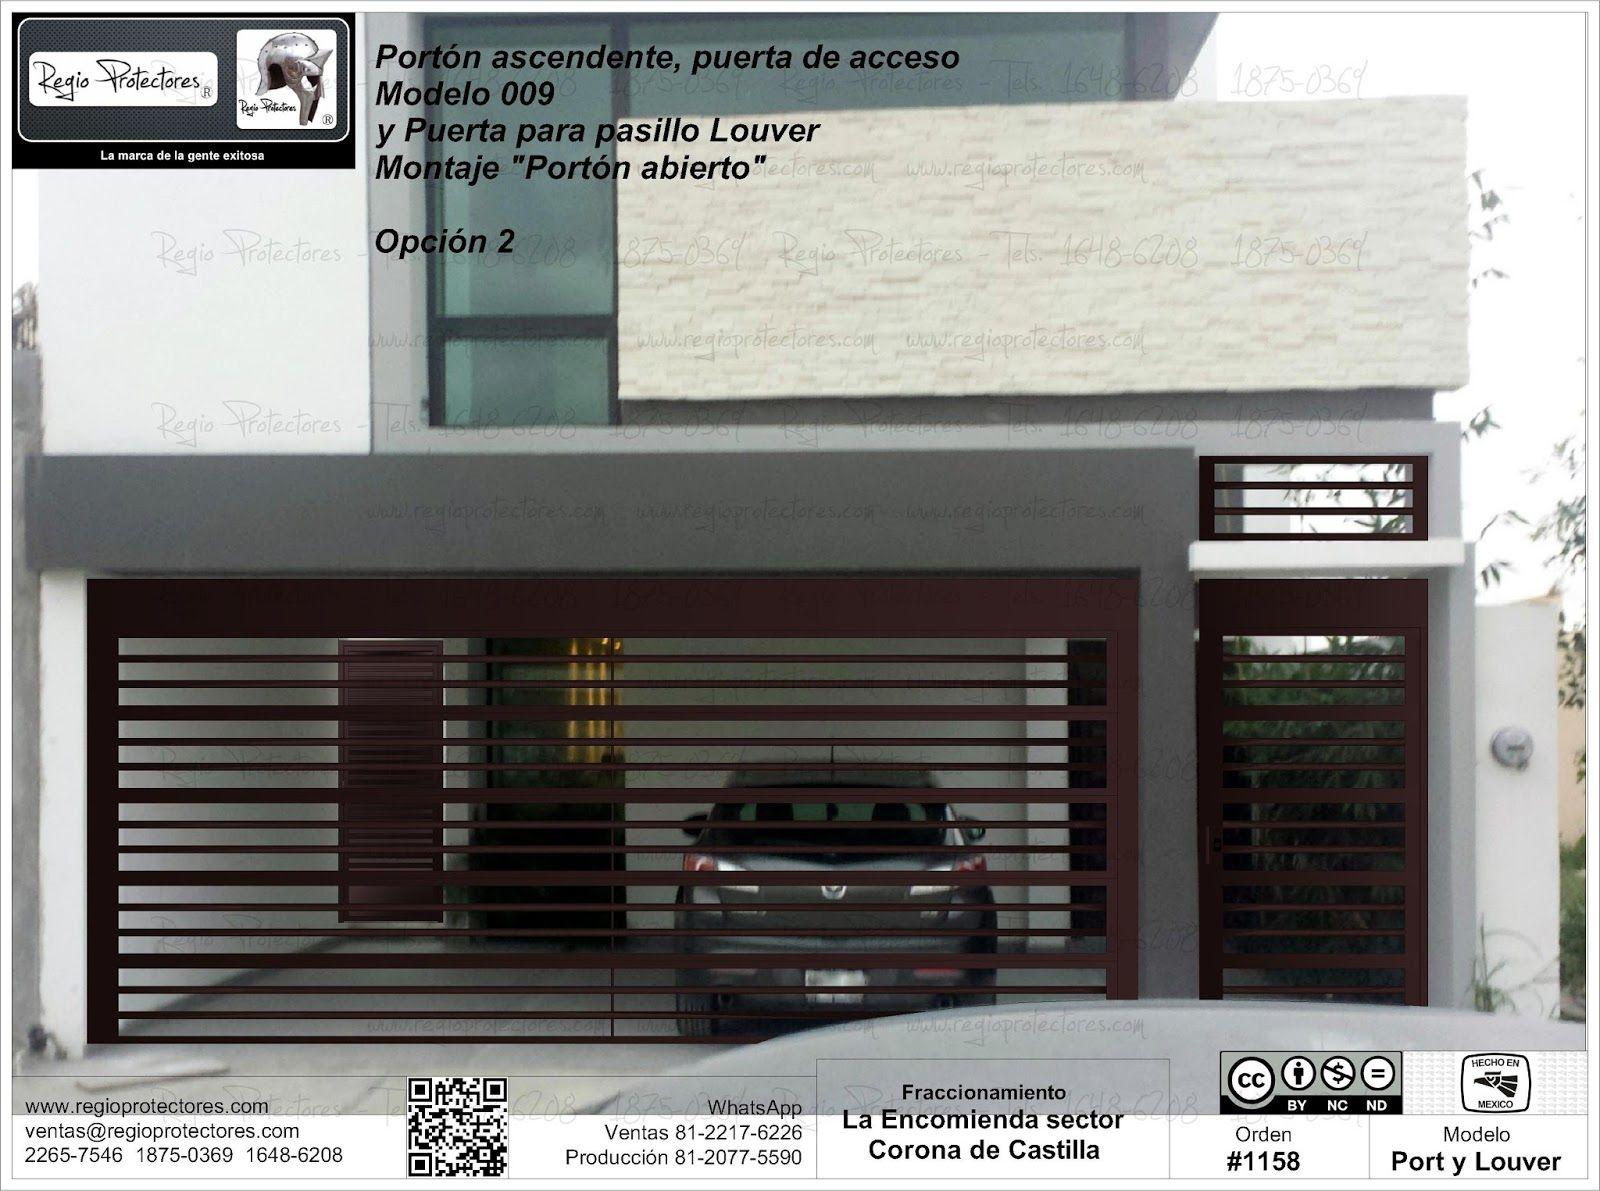 Regio protectores protectores para ventanas puertas - Puertas de terraza ...